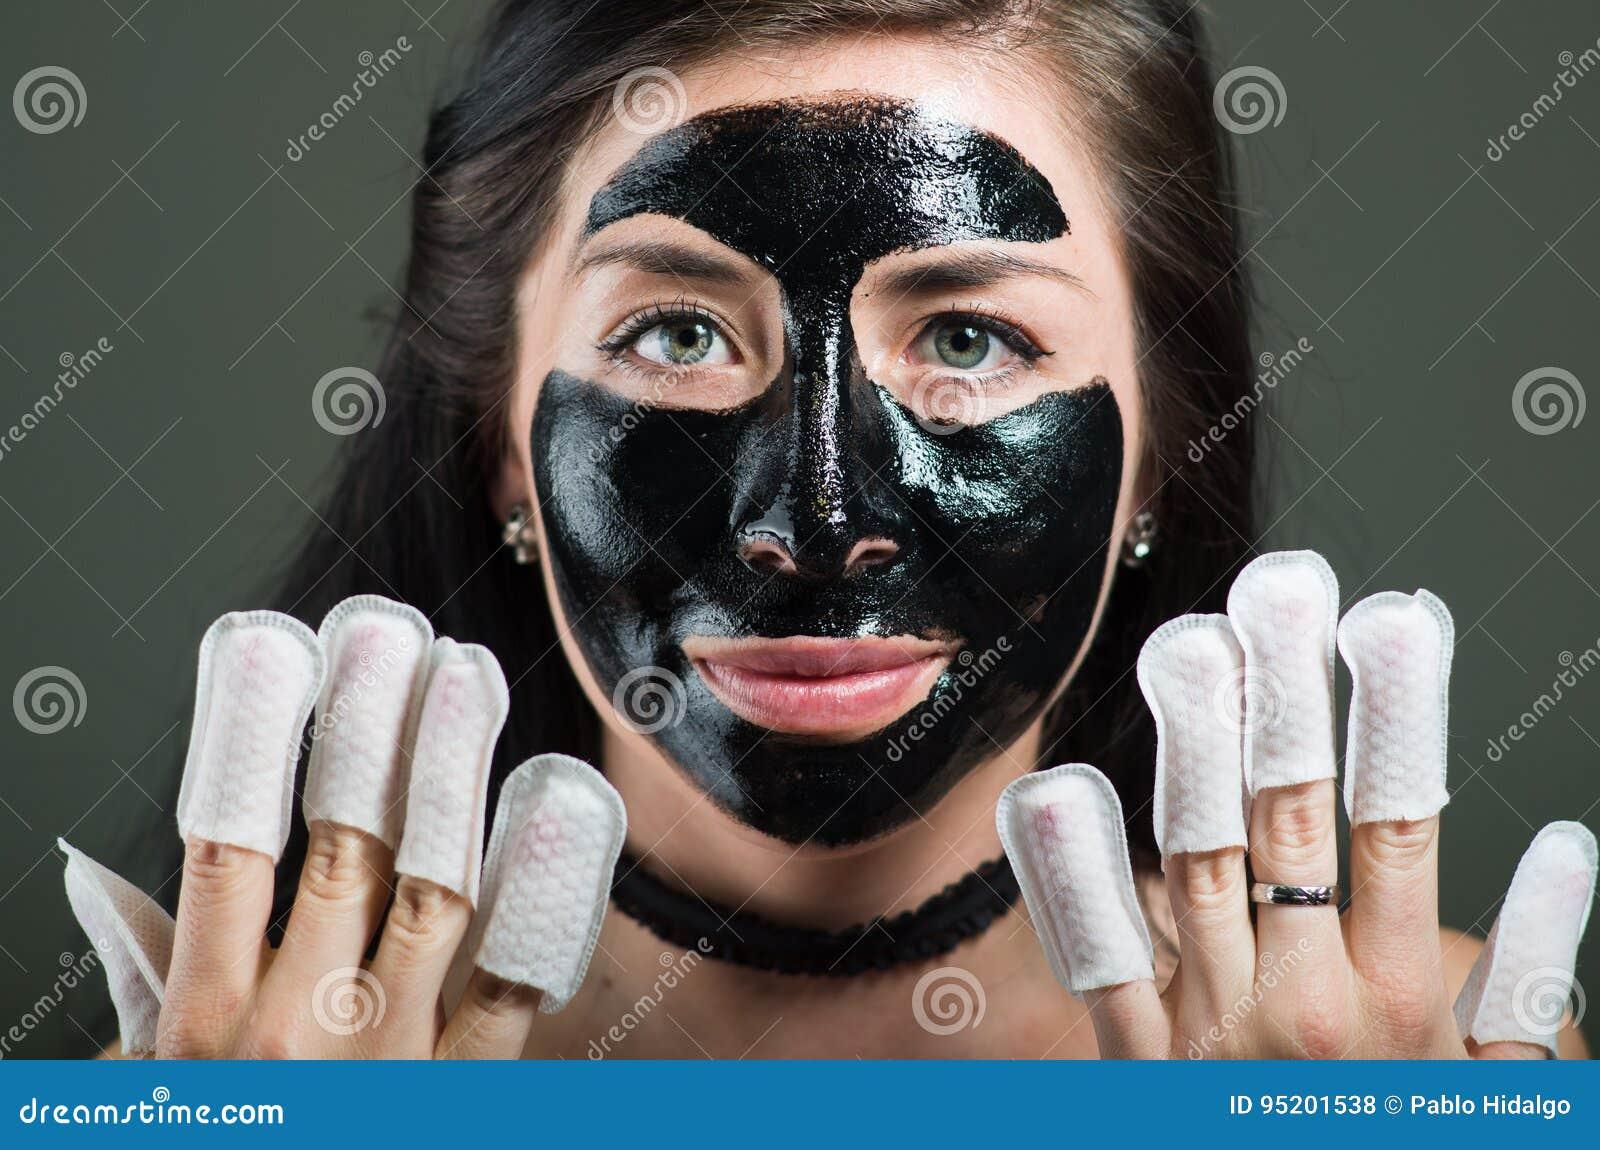 Κλείστε επάνω μιας νέας γυναίκας ομορφιάς χρησιμοποιώντας μια μαύρη μάσκα προσώπου και φορώντας τον προστάτη καρφιών στα καρφιά τ